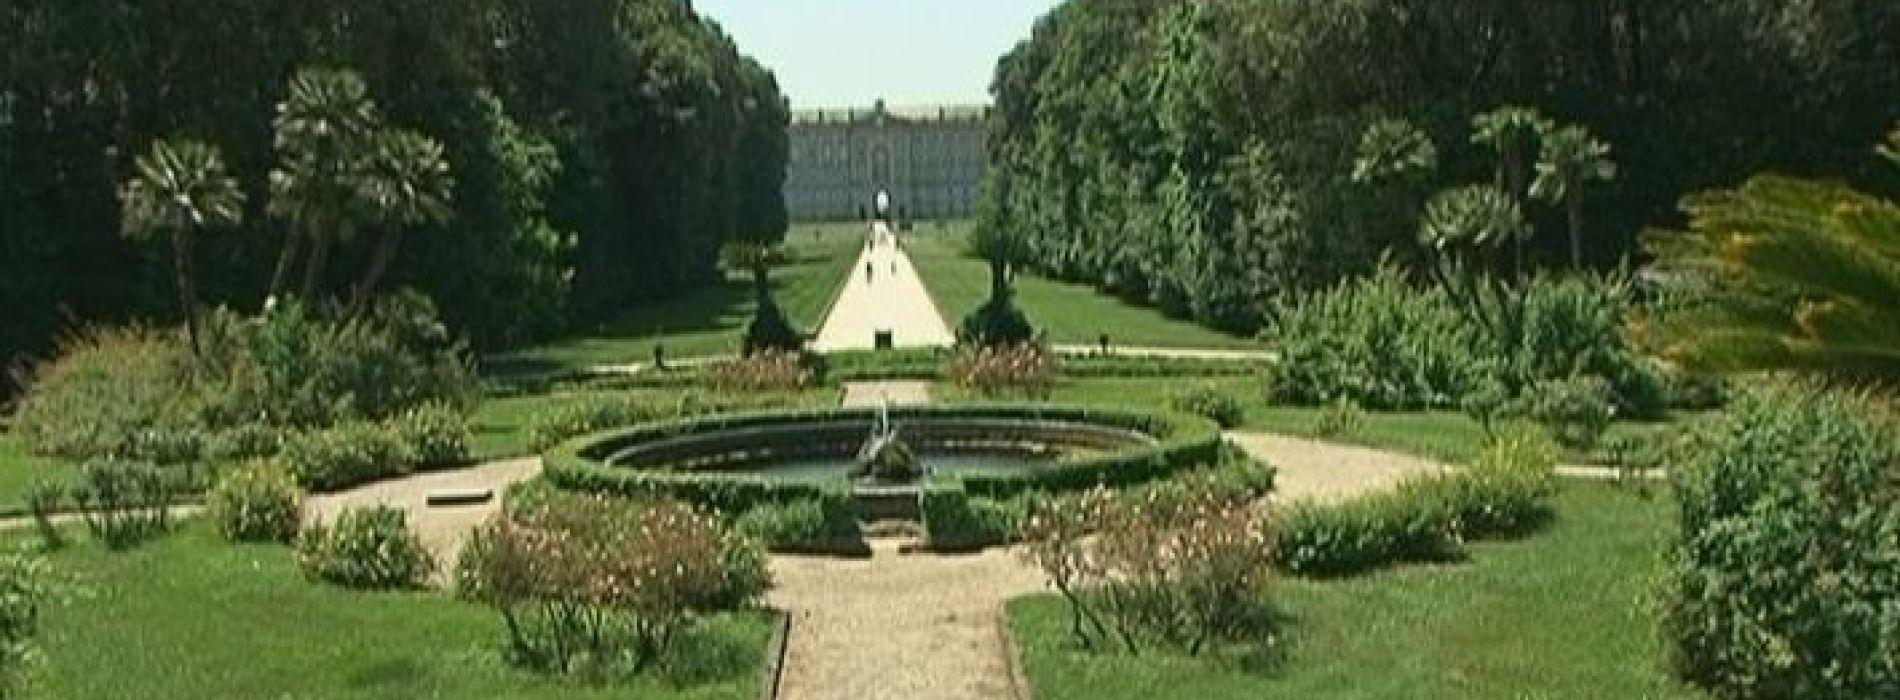 Parco della Reggia. Entrata da Ercole per gli abbonati